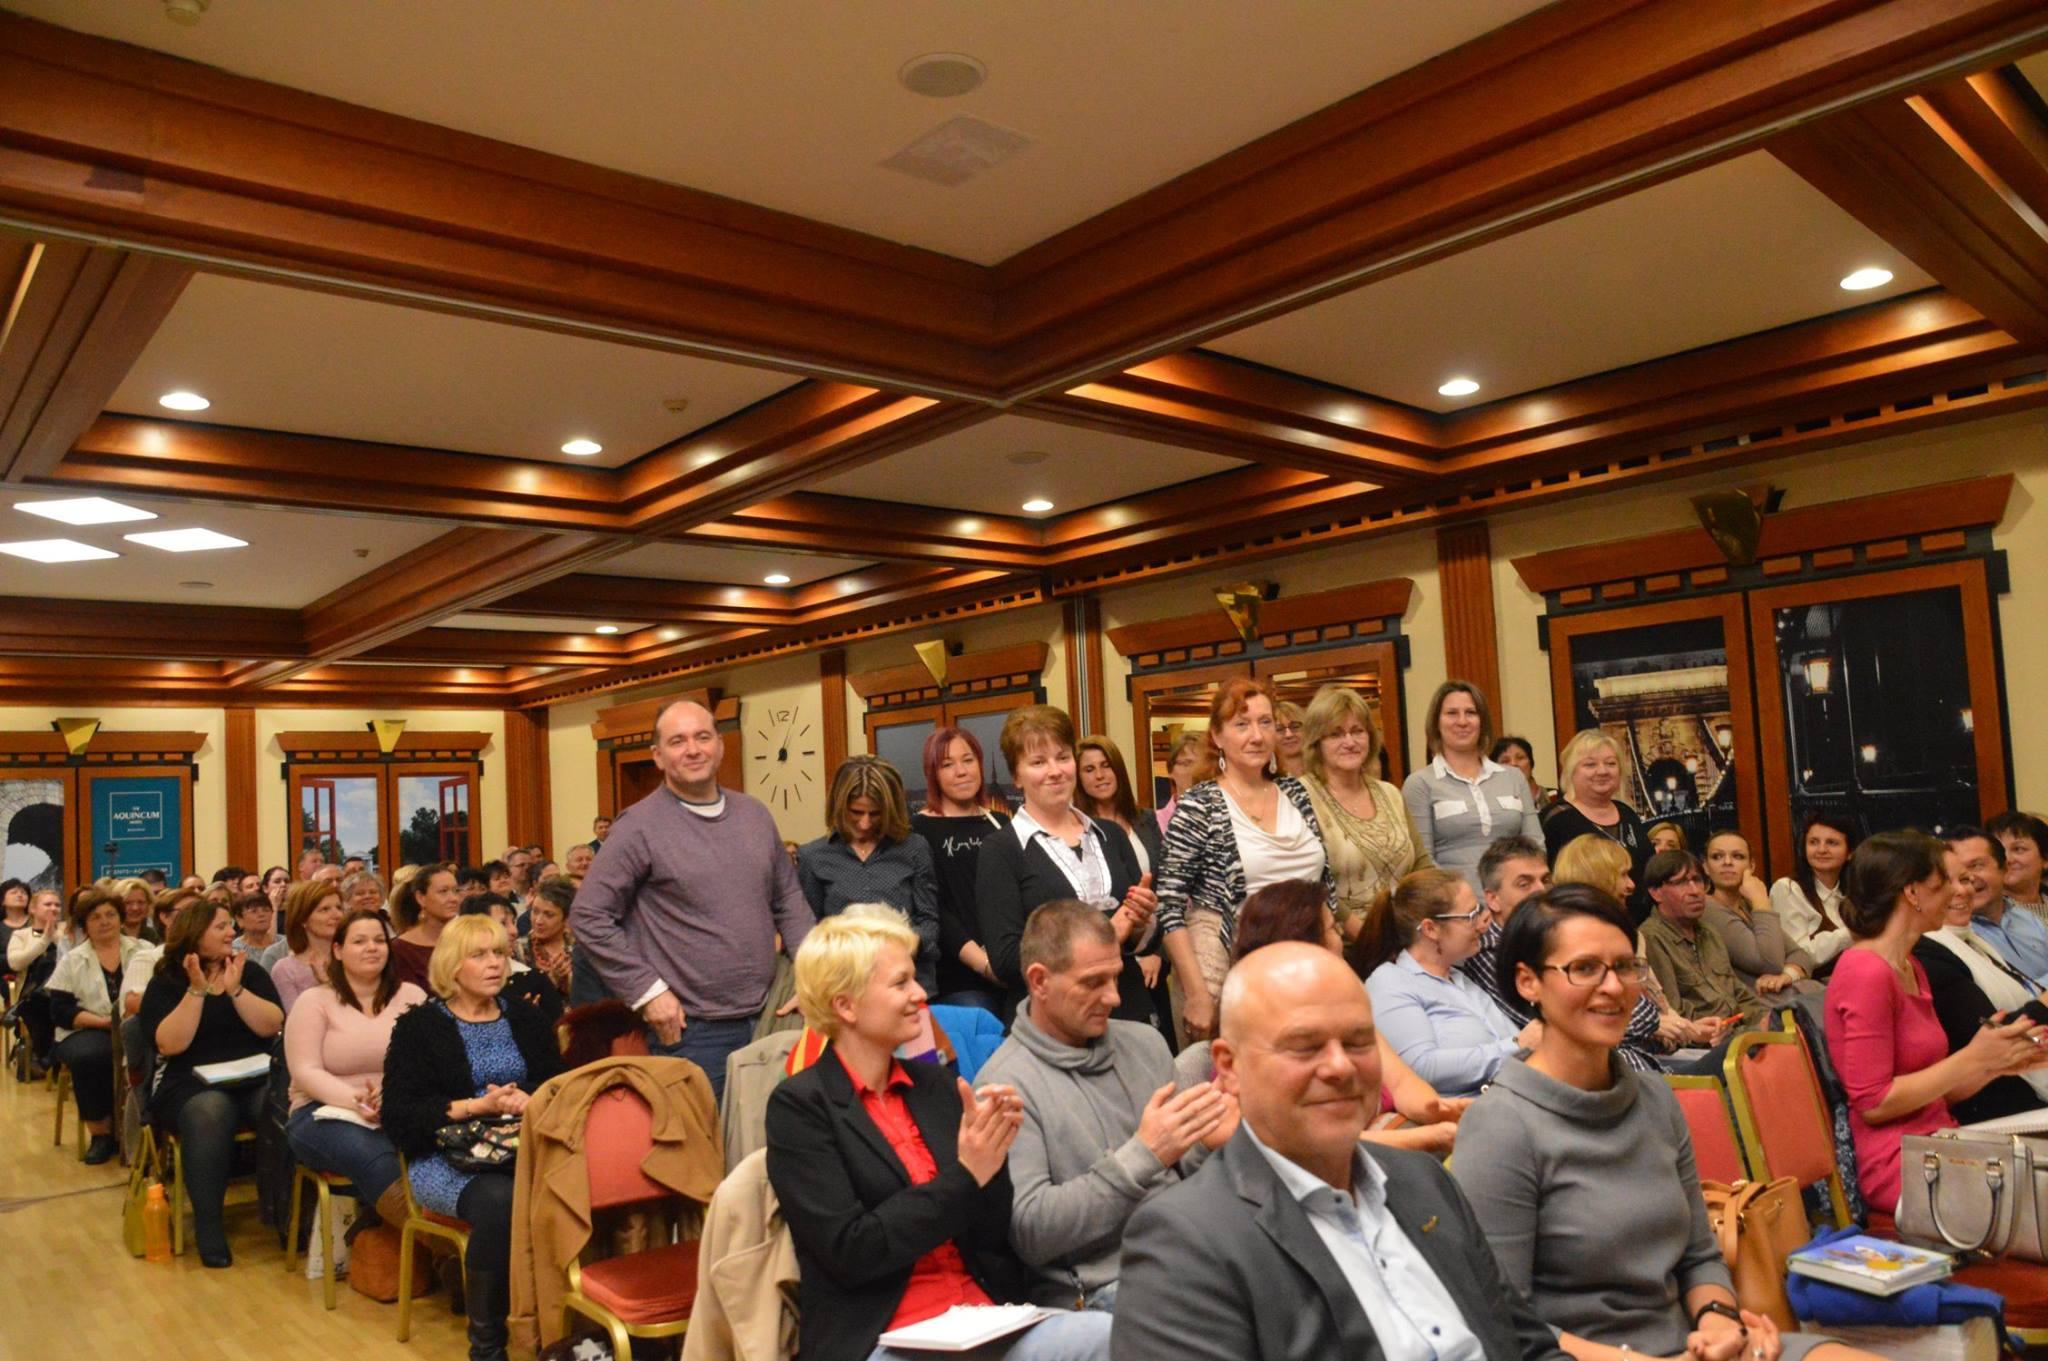 Itt Kónya György már az első sorban mosolyog előadása után. De a kérdése még ott száll a levegőben: komolyan veszed magad?